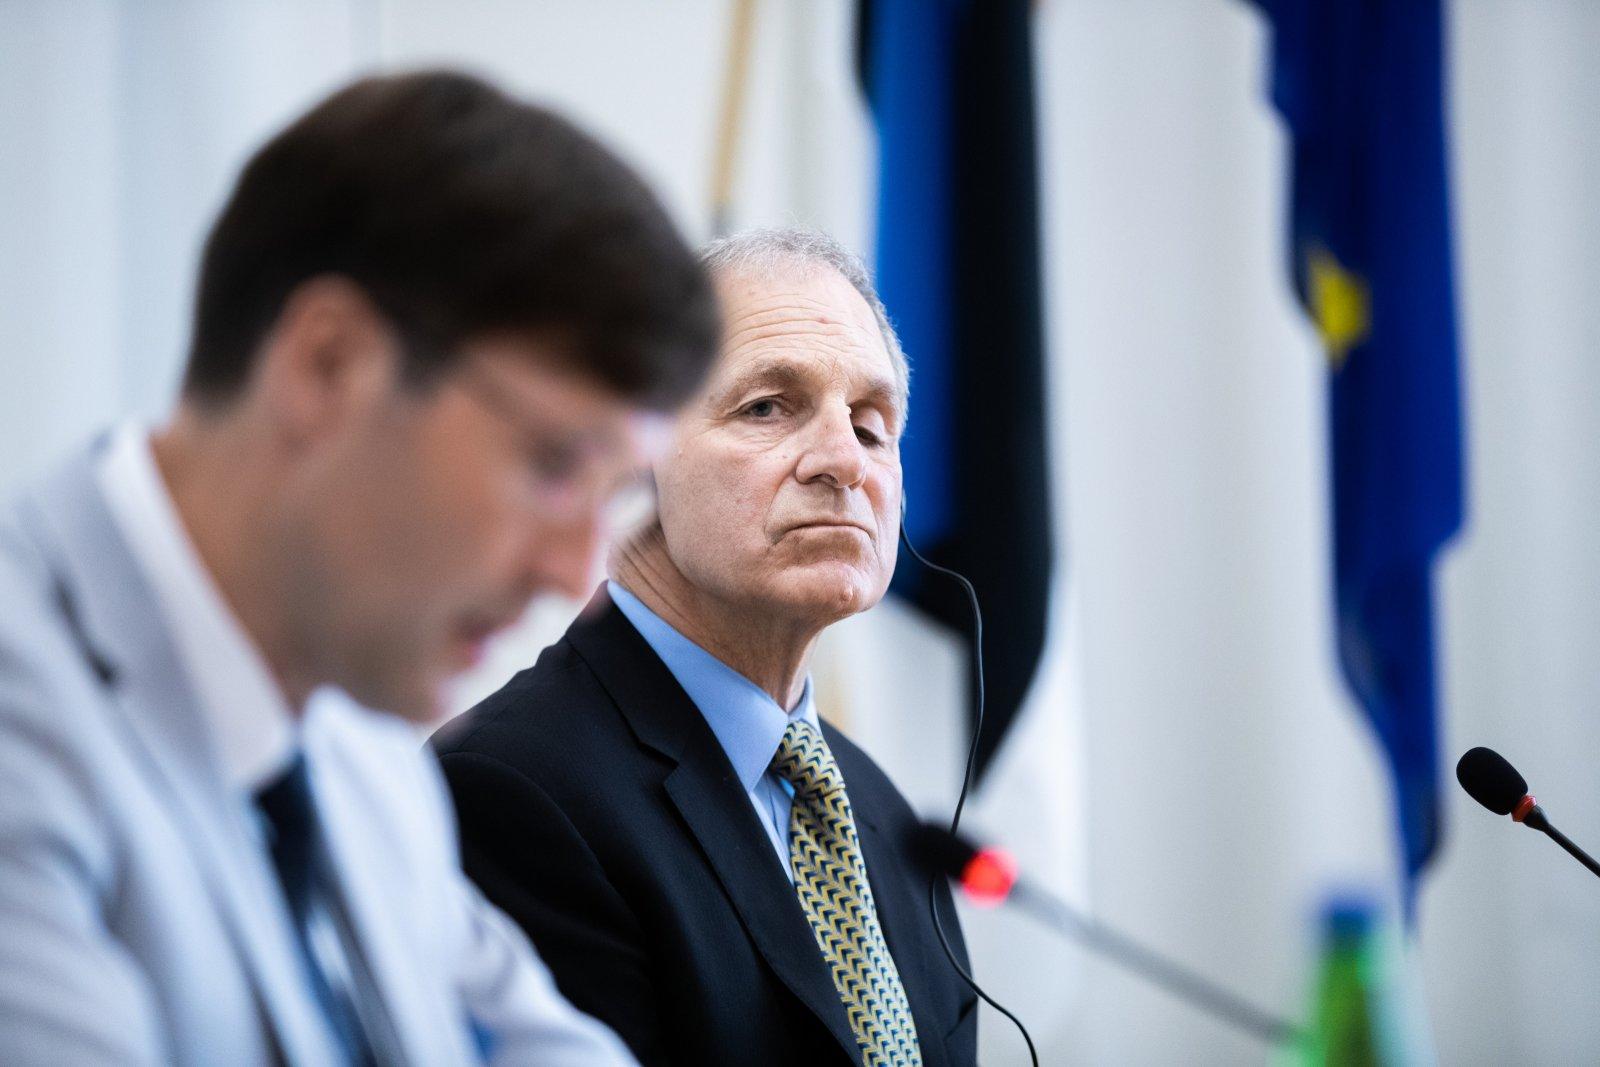 Täna teatas valitsus, et lõpetab lepingu rahapesu uurimises Eestit esindanud USA advokaadibürooga Freeh Sporkin & Sullivan, kelle endine rahandusminister Martin